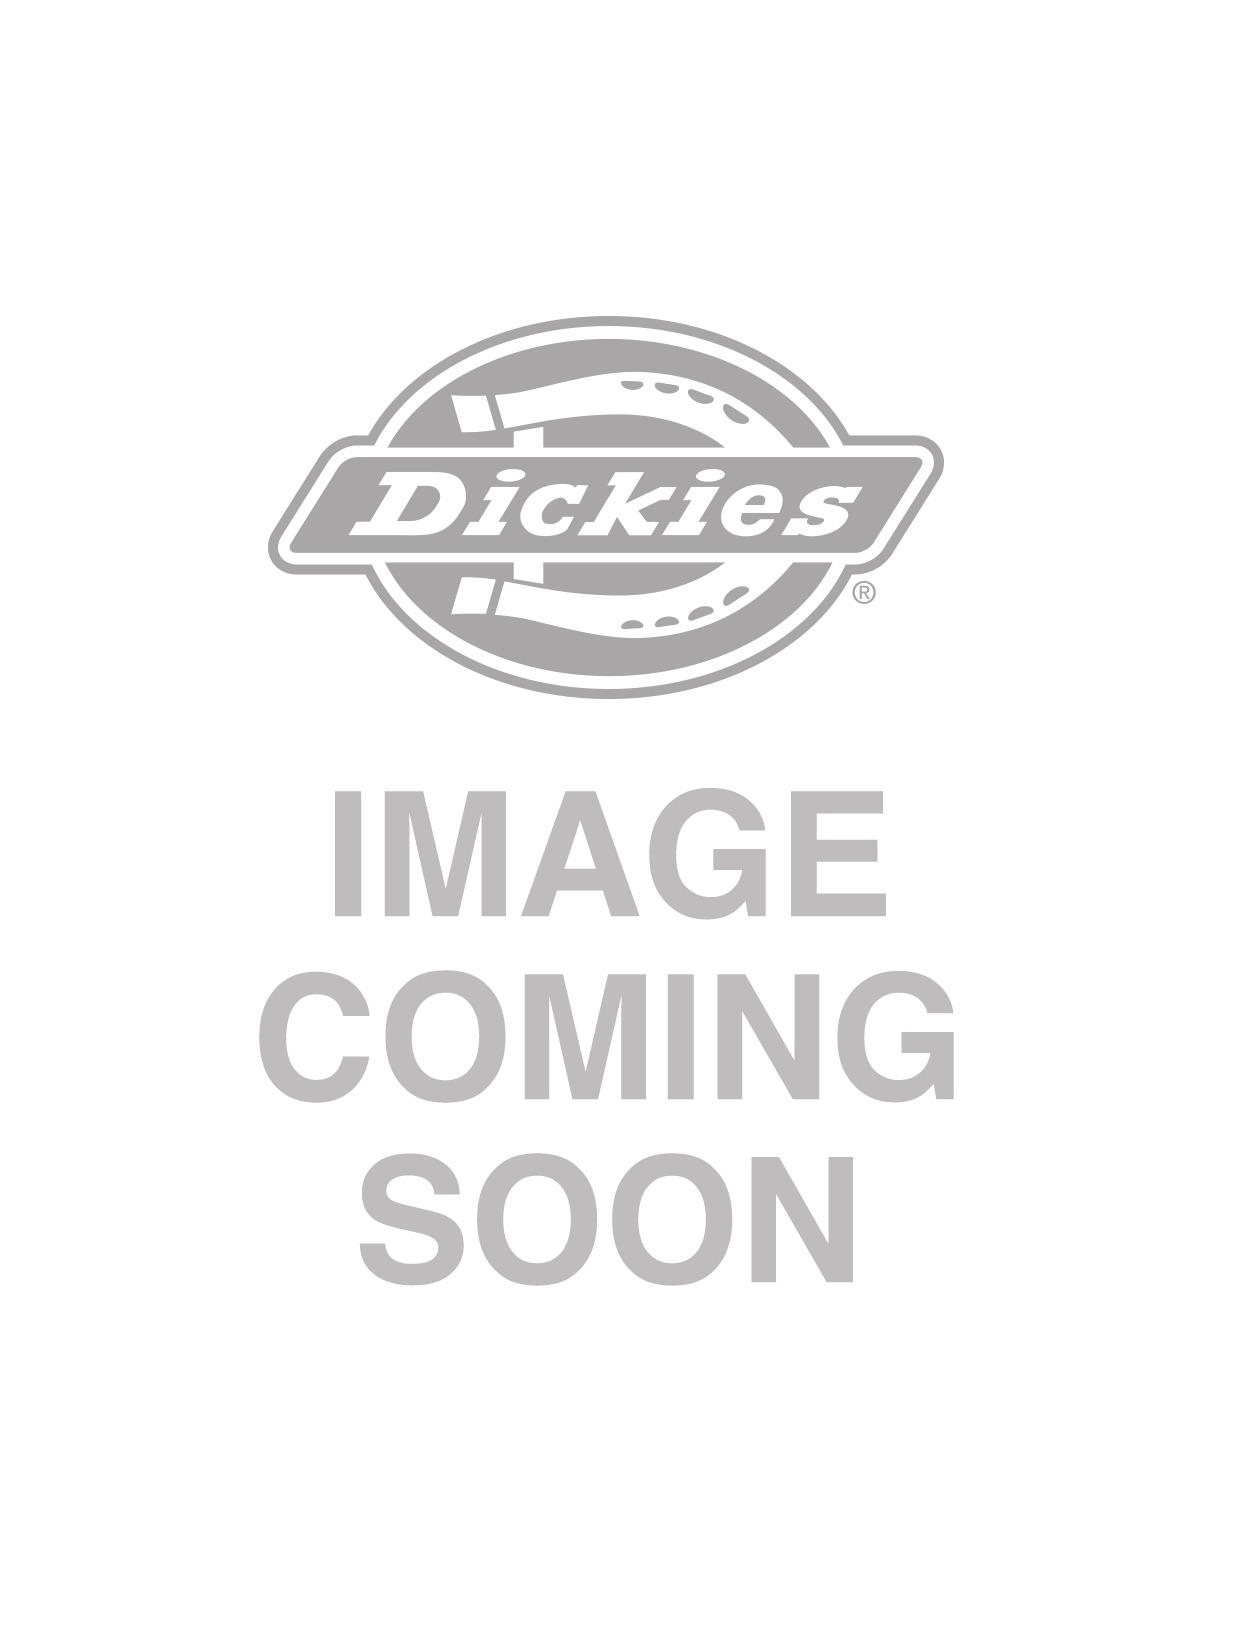 Evansville Long Sleeve Shirt